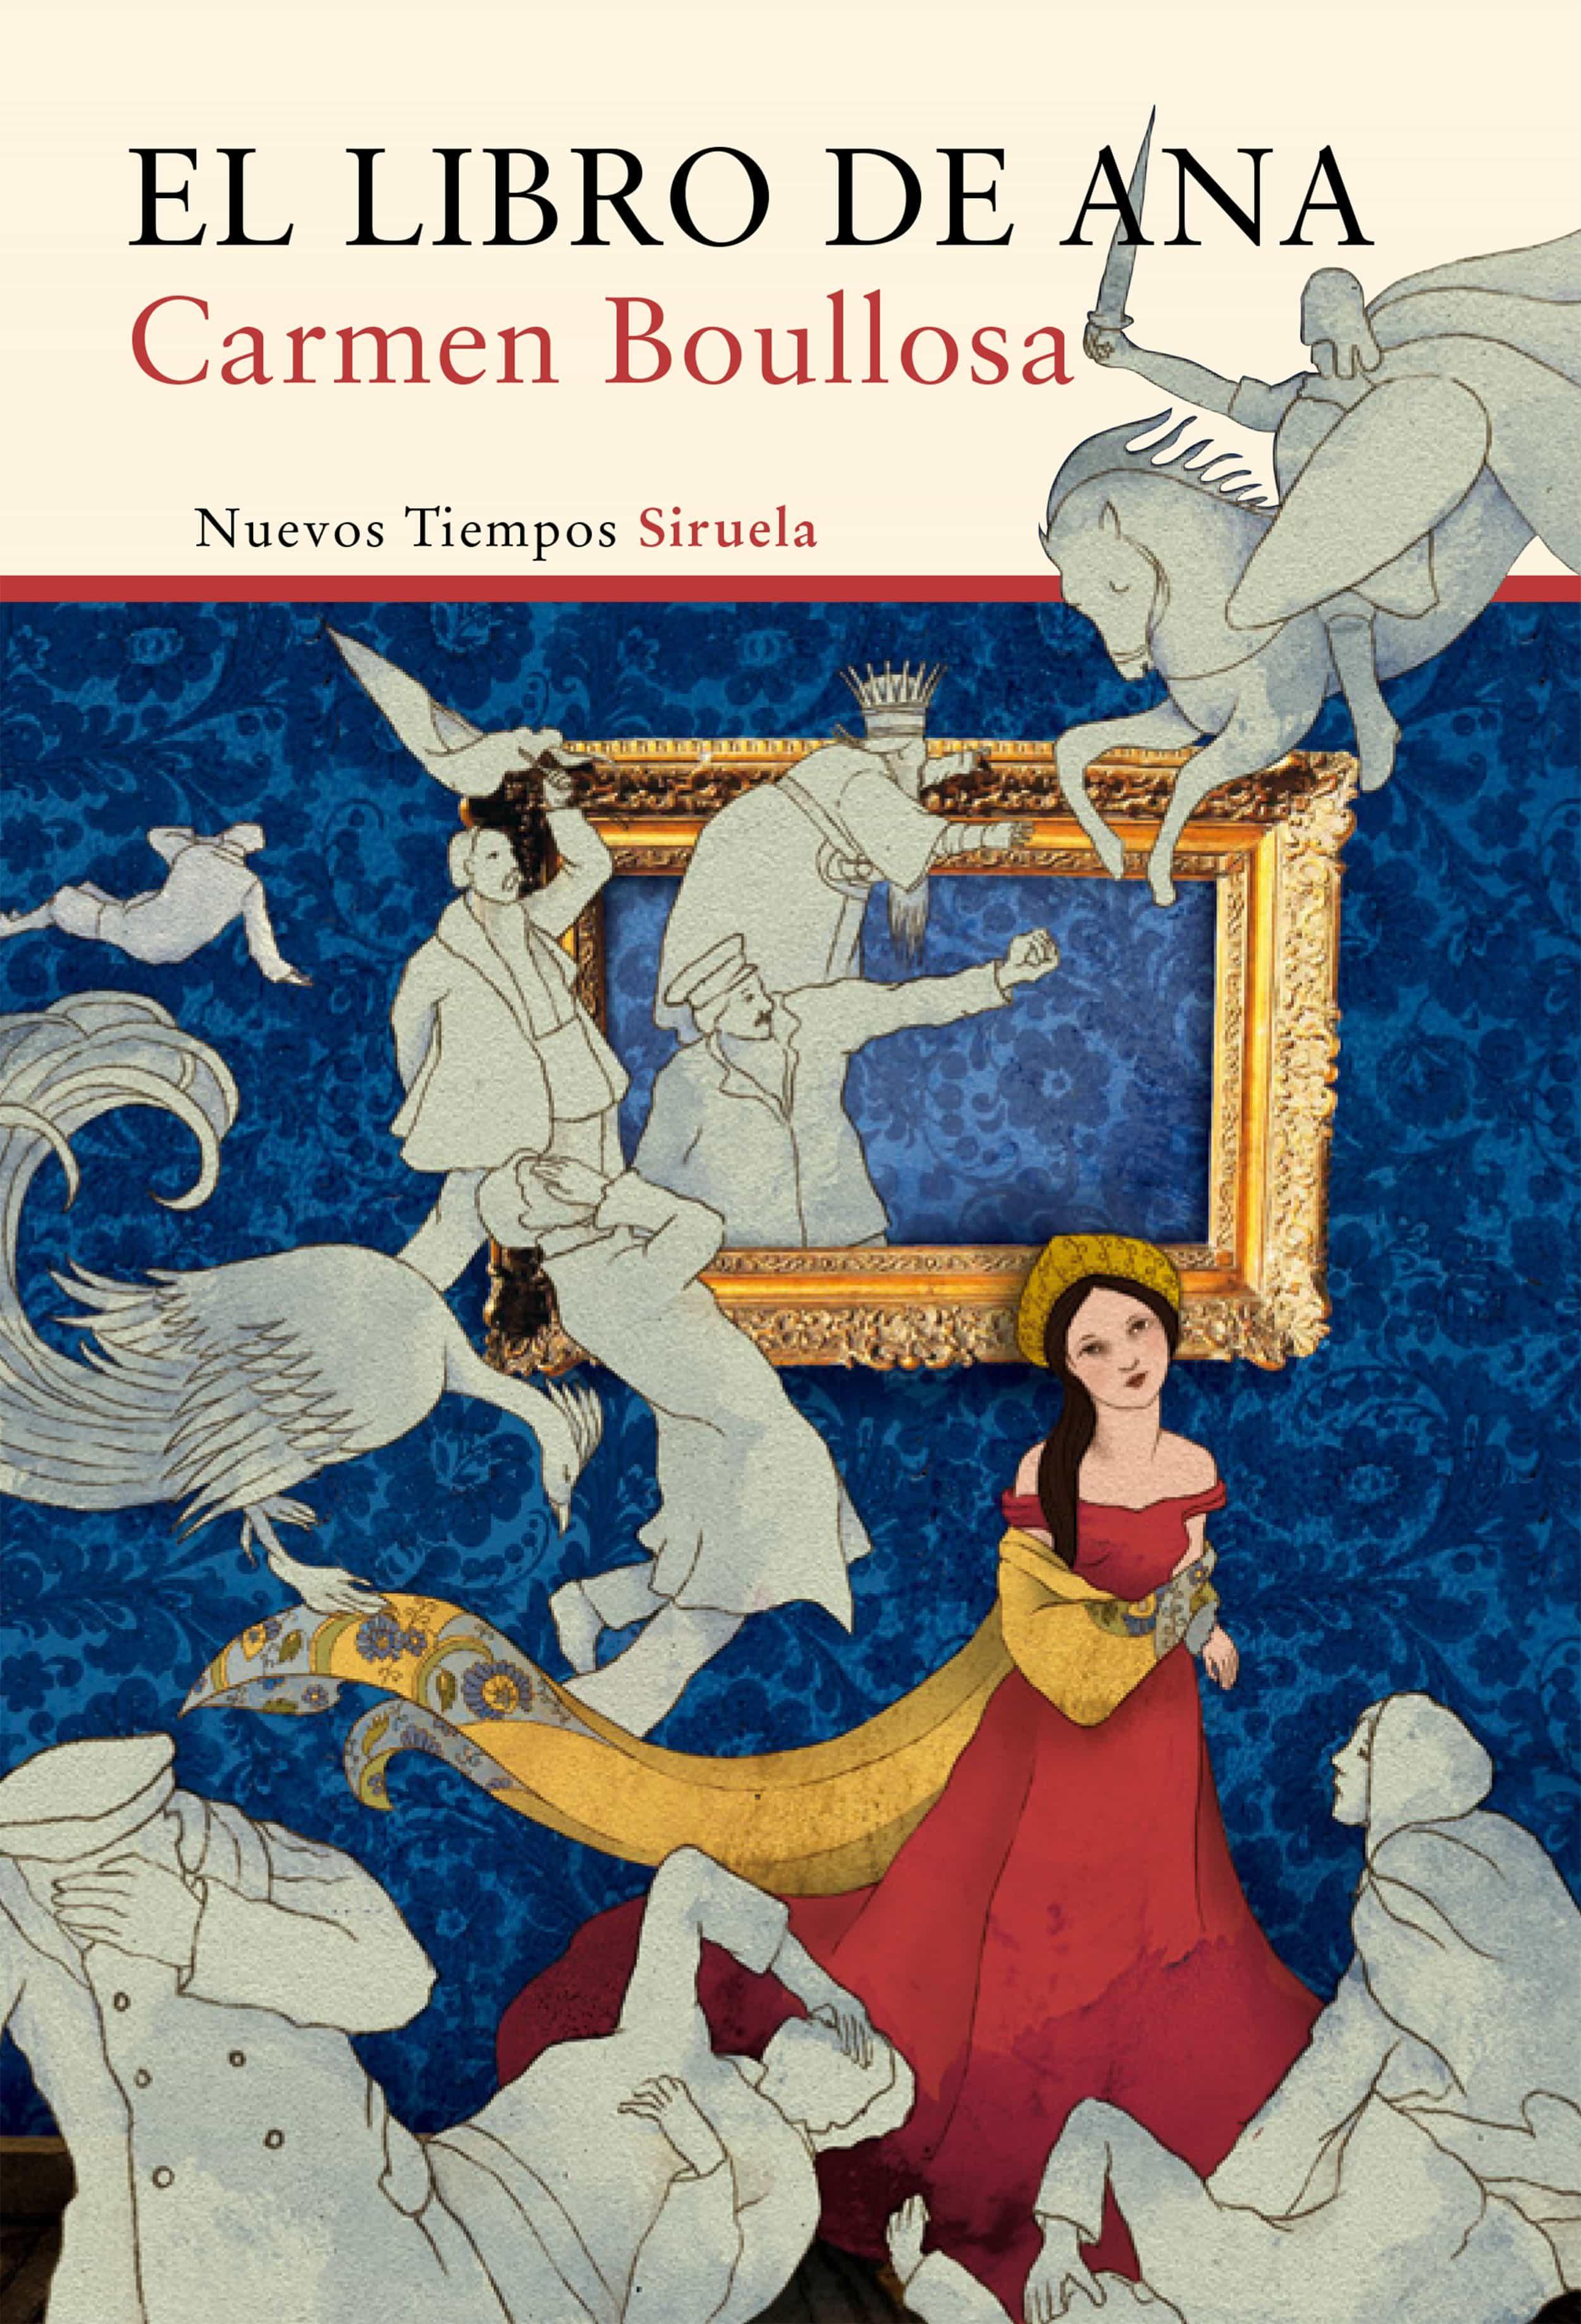 El libro de Ana - Carmen Boullosa 9788416749003